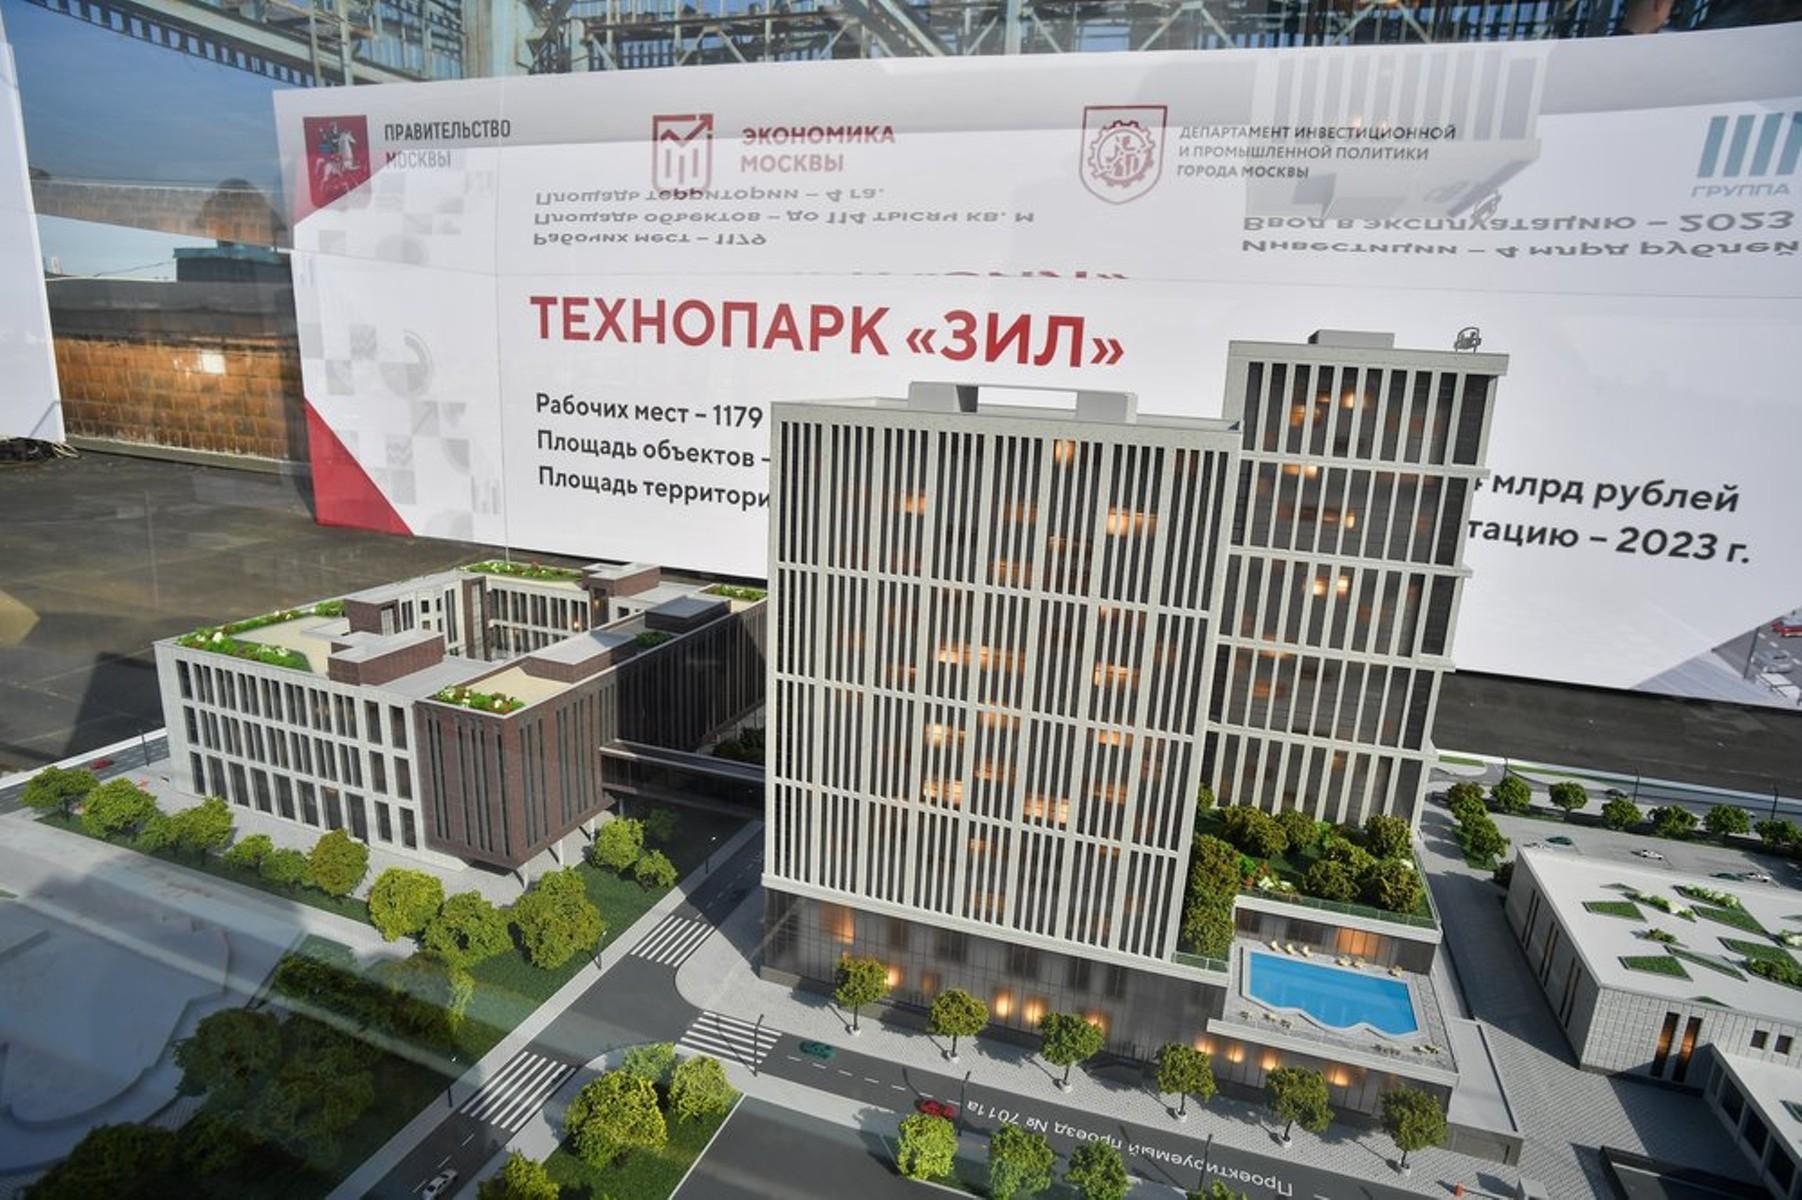 В Москве к 2023 году появится технопарк «ЗИЛ»